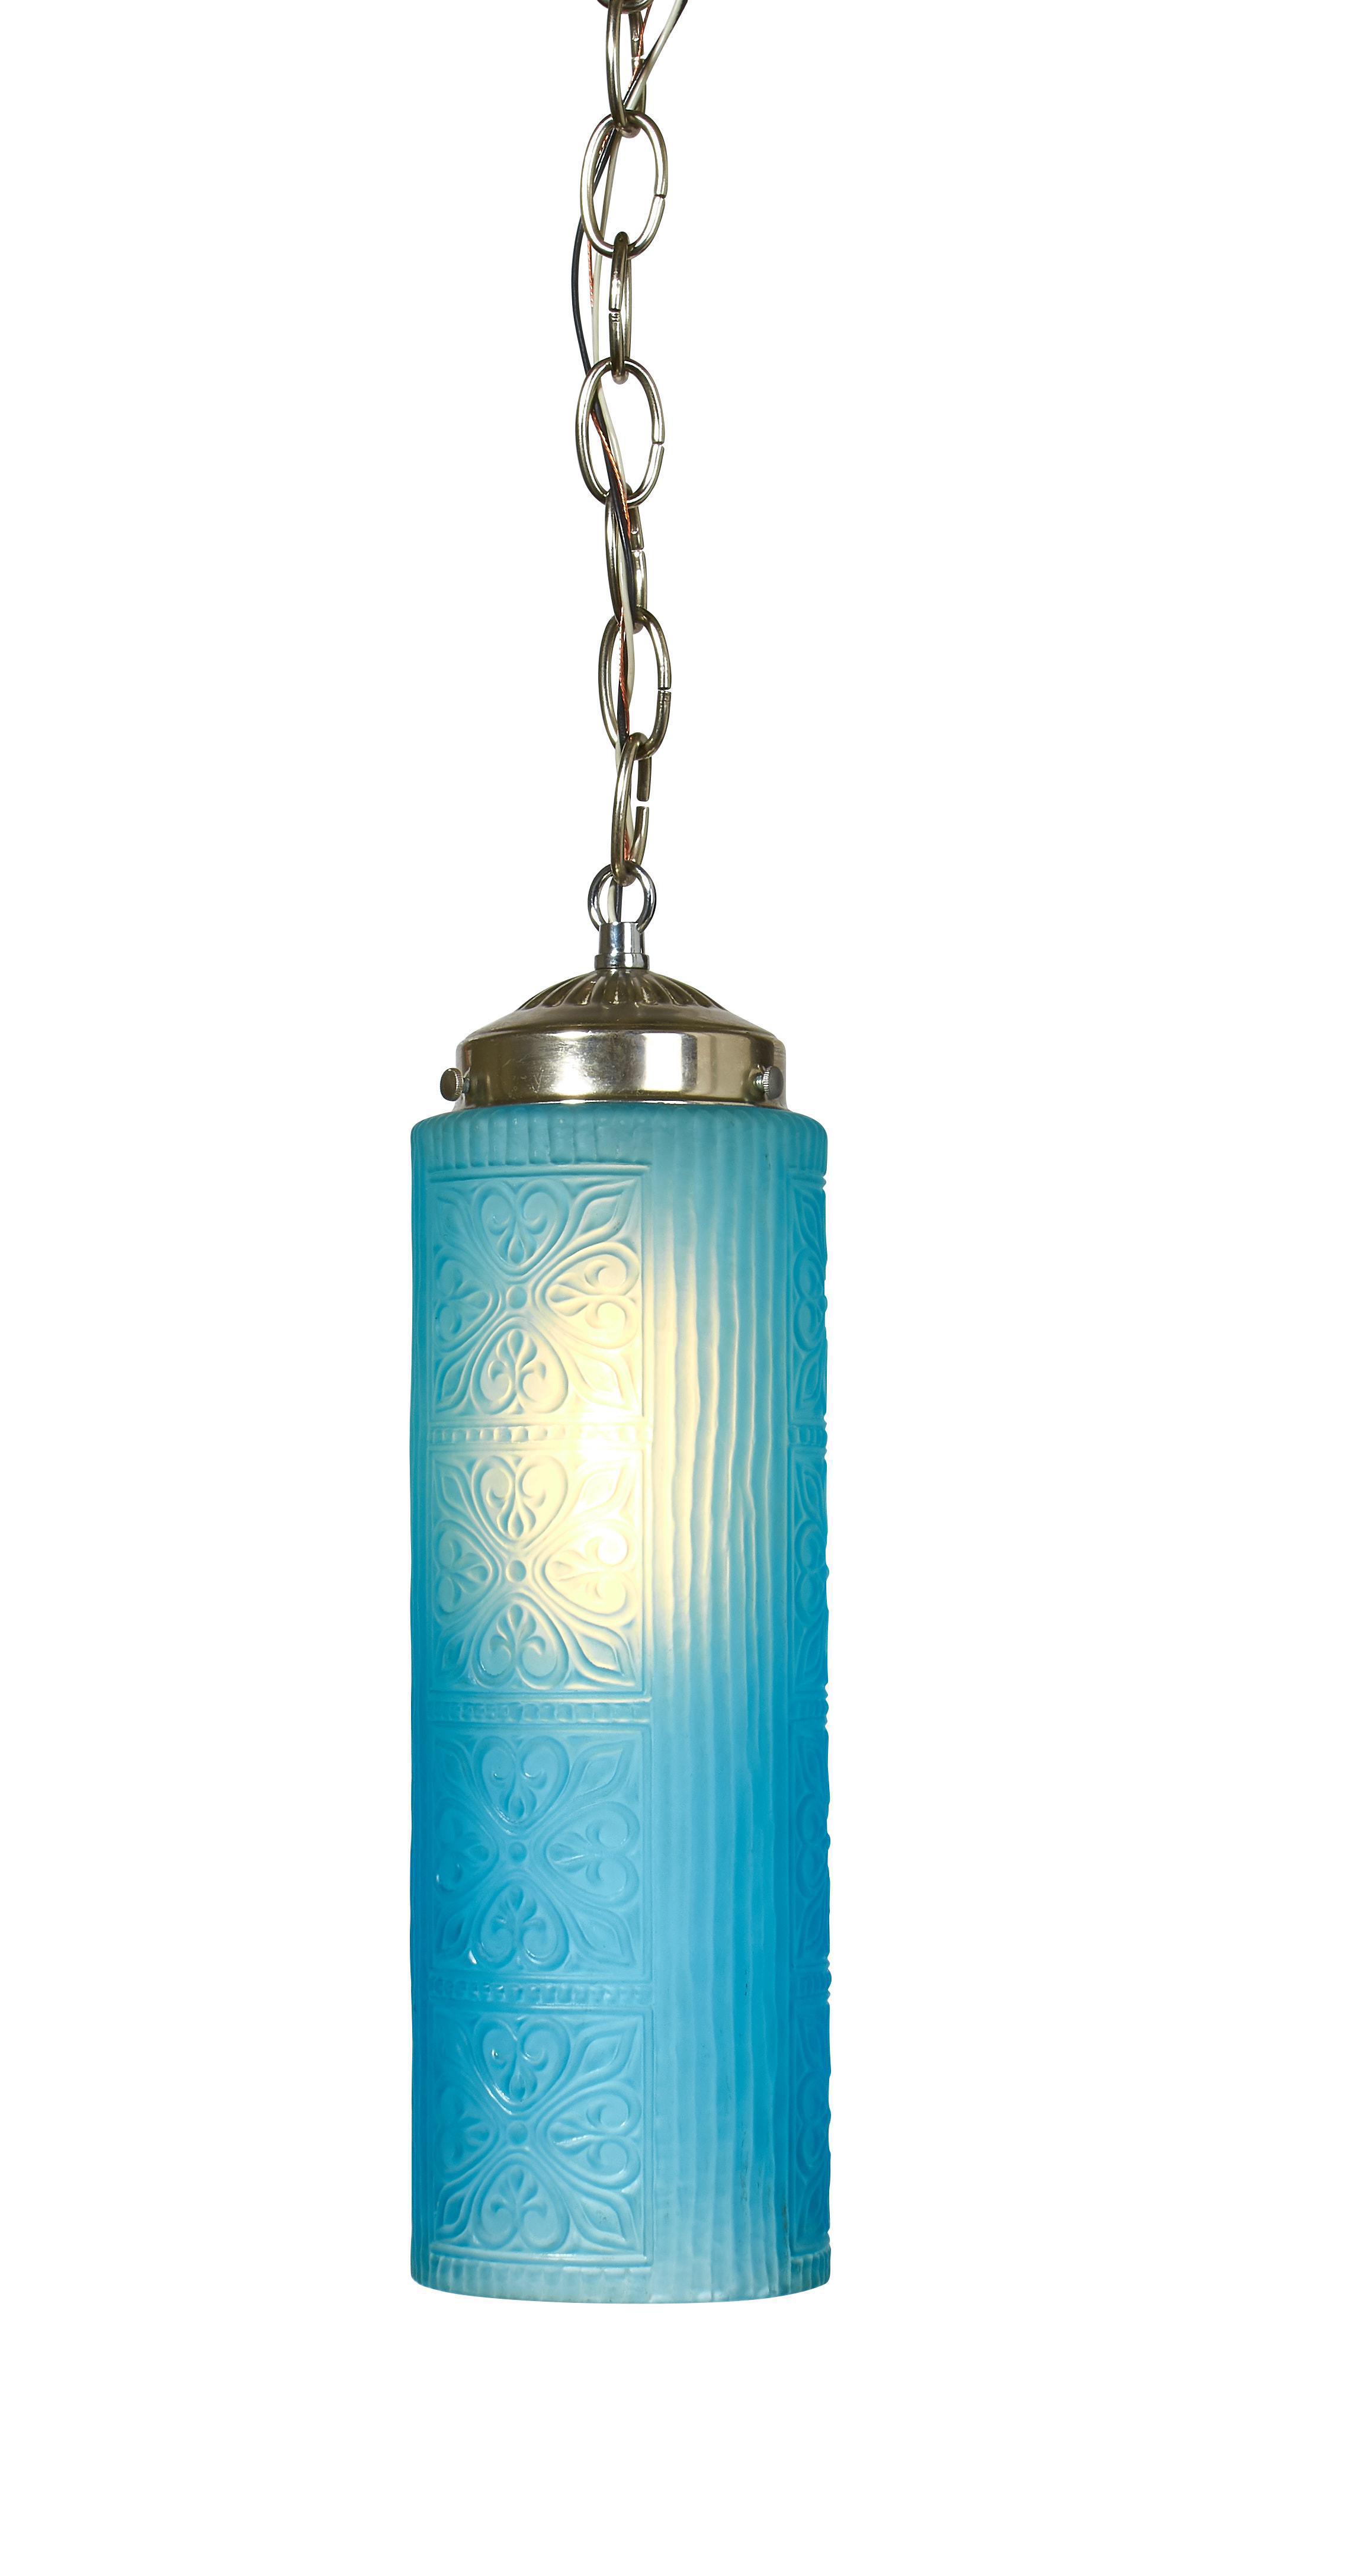 Textured blue glass pendant light